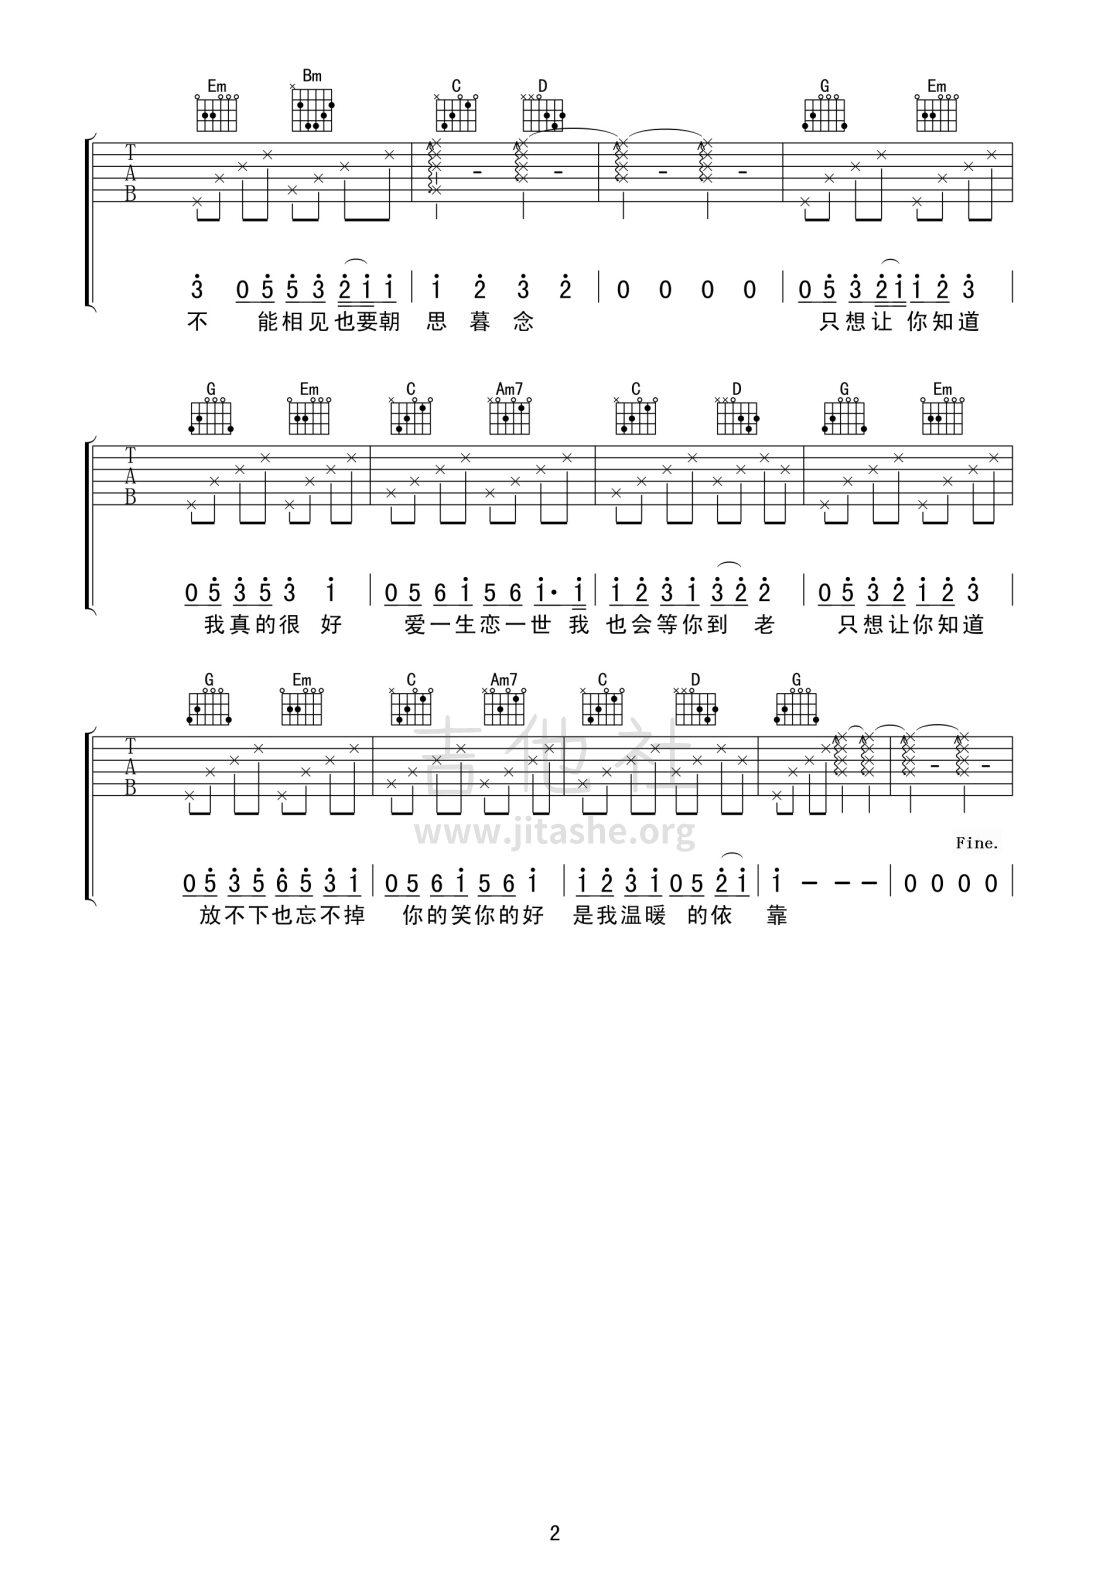 严艺丹无果专辑_等你的季节(电视剧《步步惊心》插曲)吉他谱(图片谱,弹唱)_严艺丹